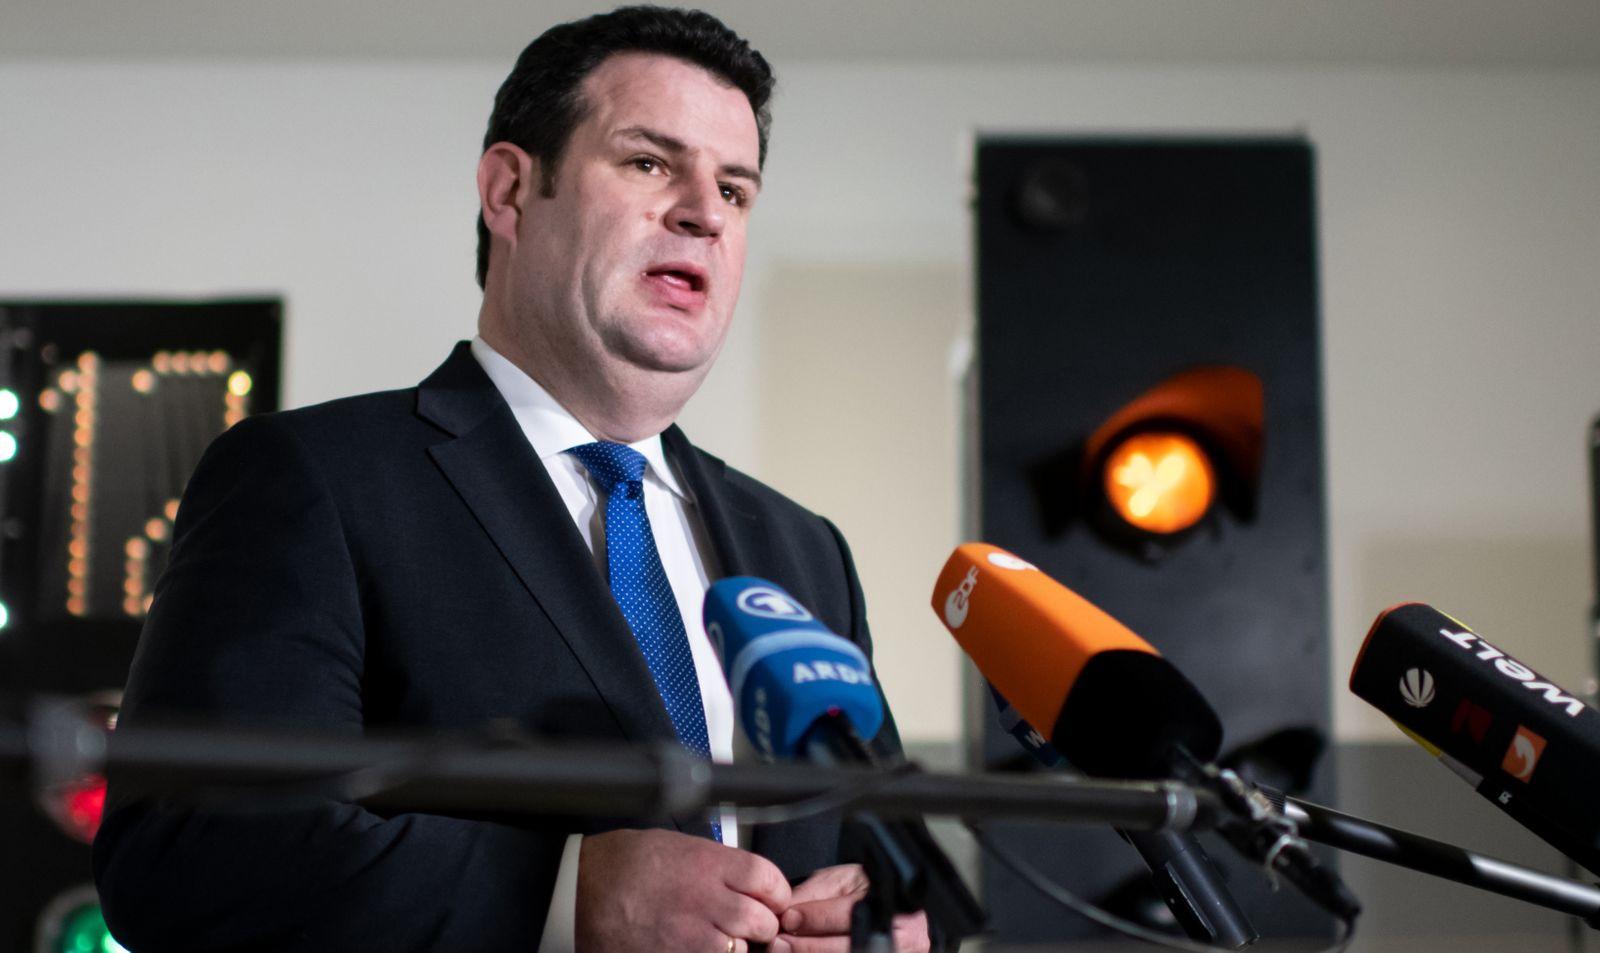 Arbeitsminister Heil besucht Siemens Mobility